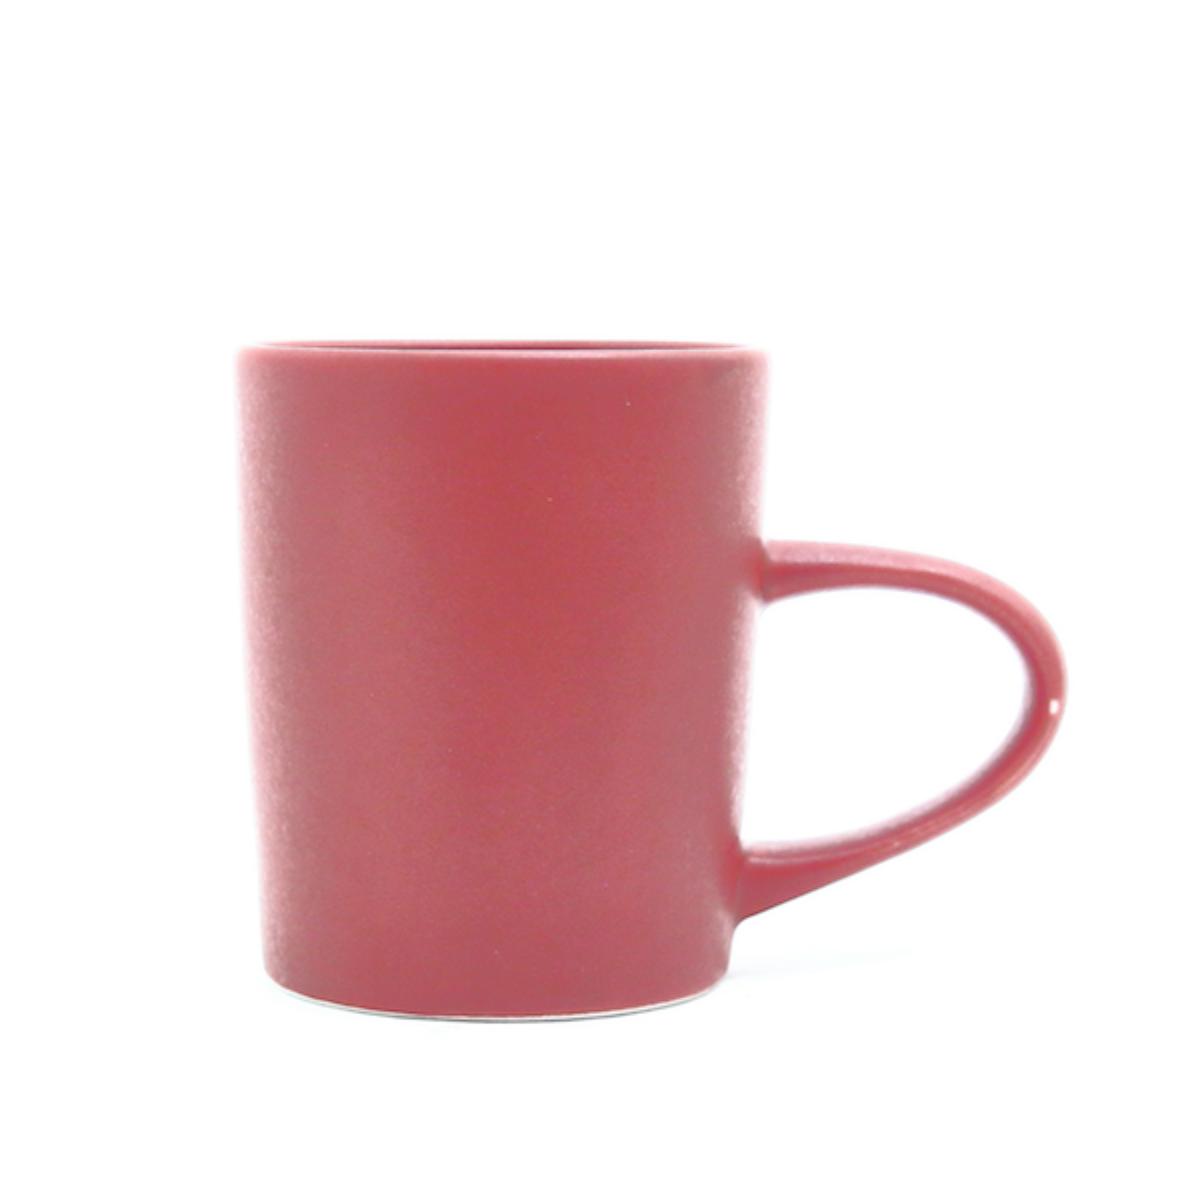 マグカップ SS のっぽ ワインレッド 詳細画像1